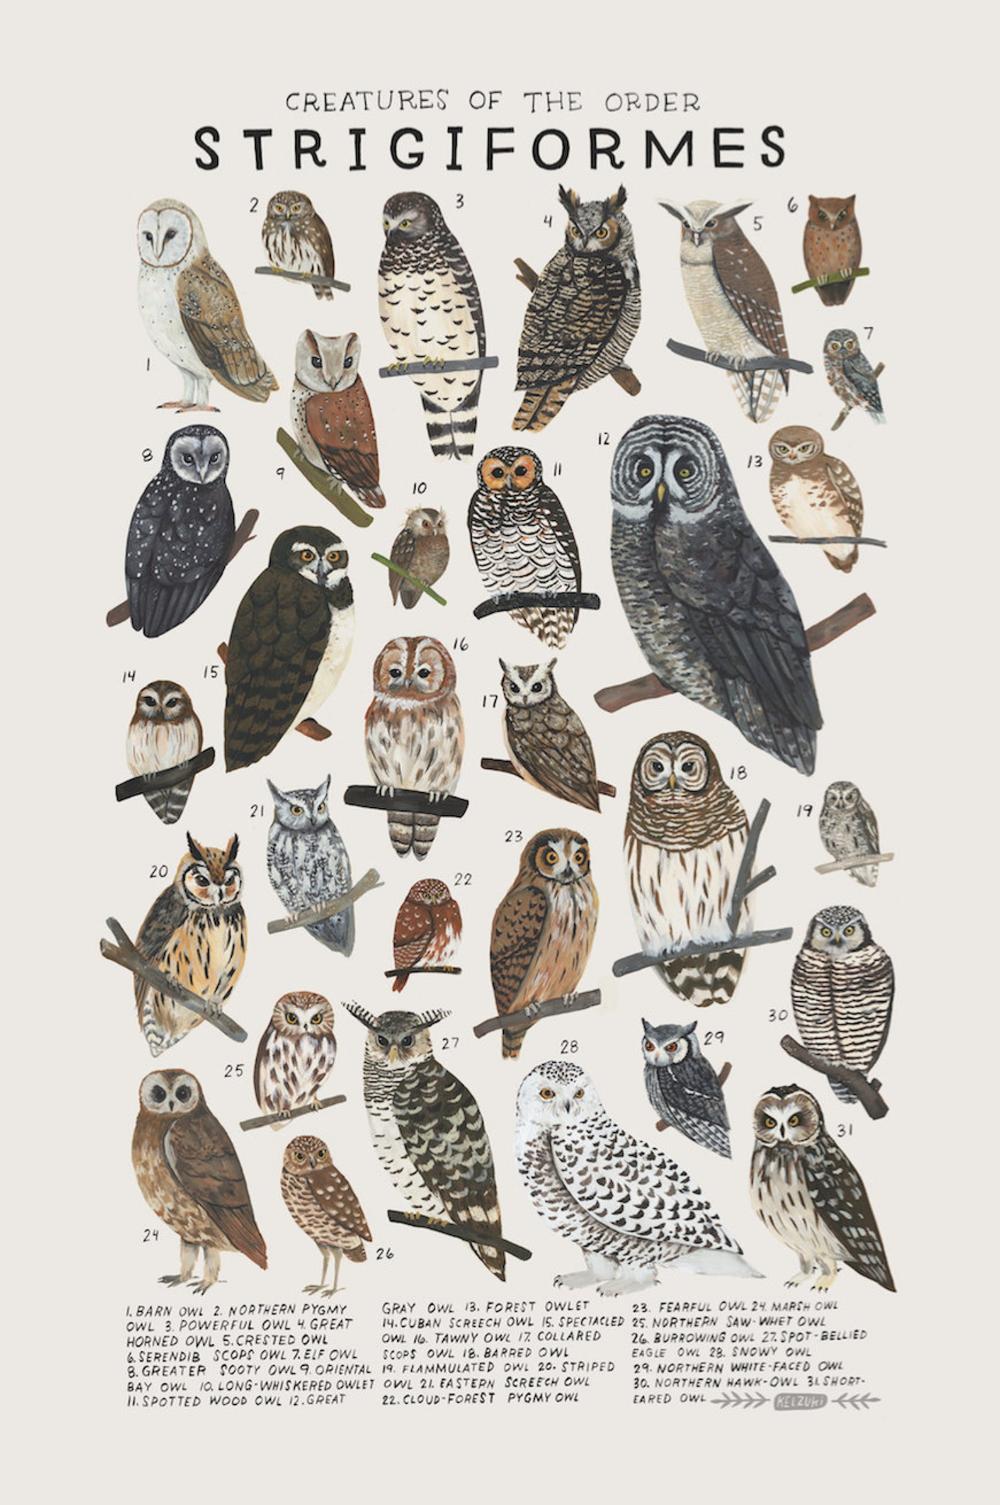 Creatures of the order Strigiformes- vintage inspi